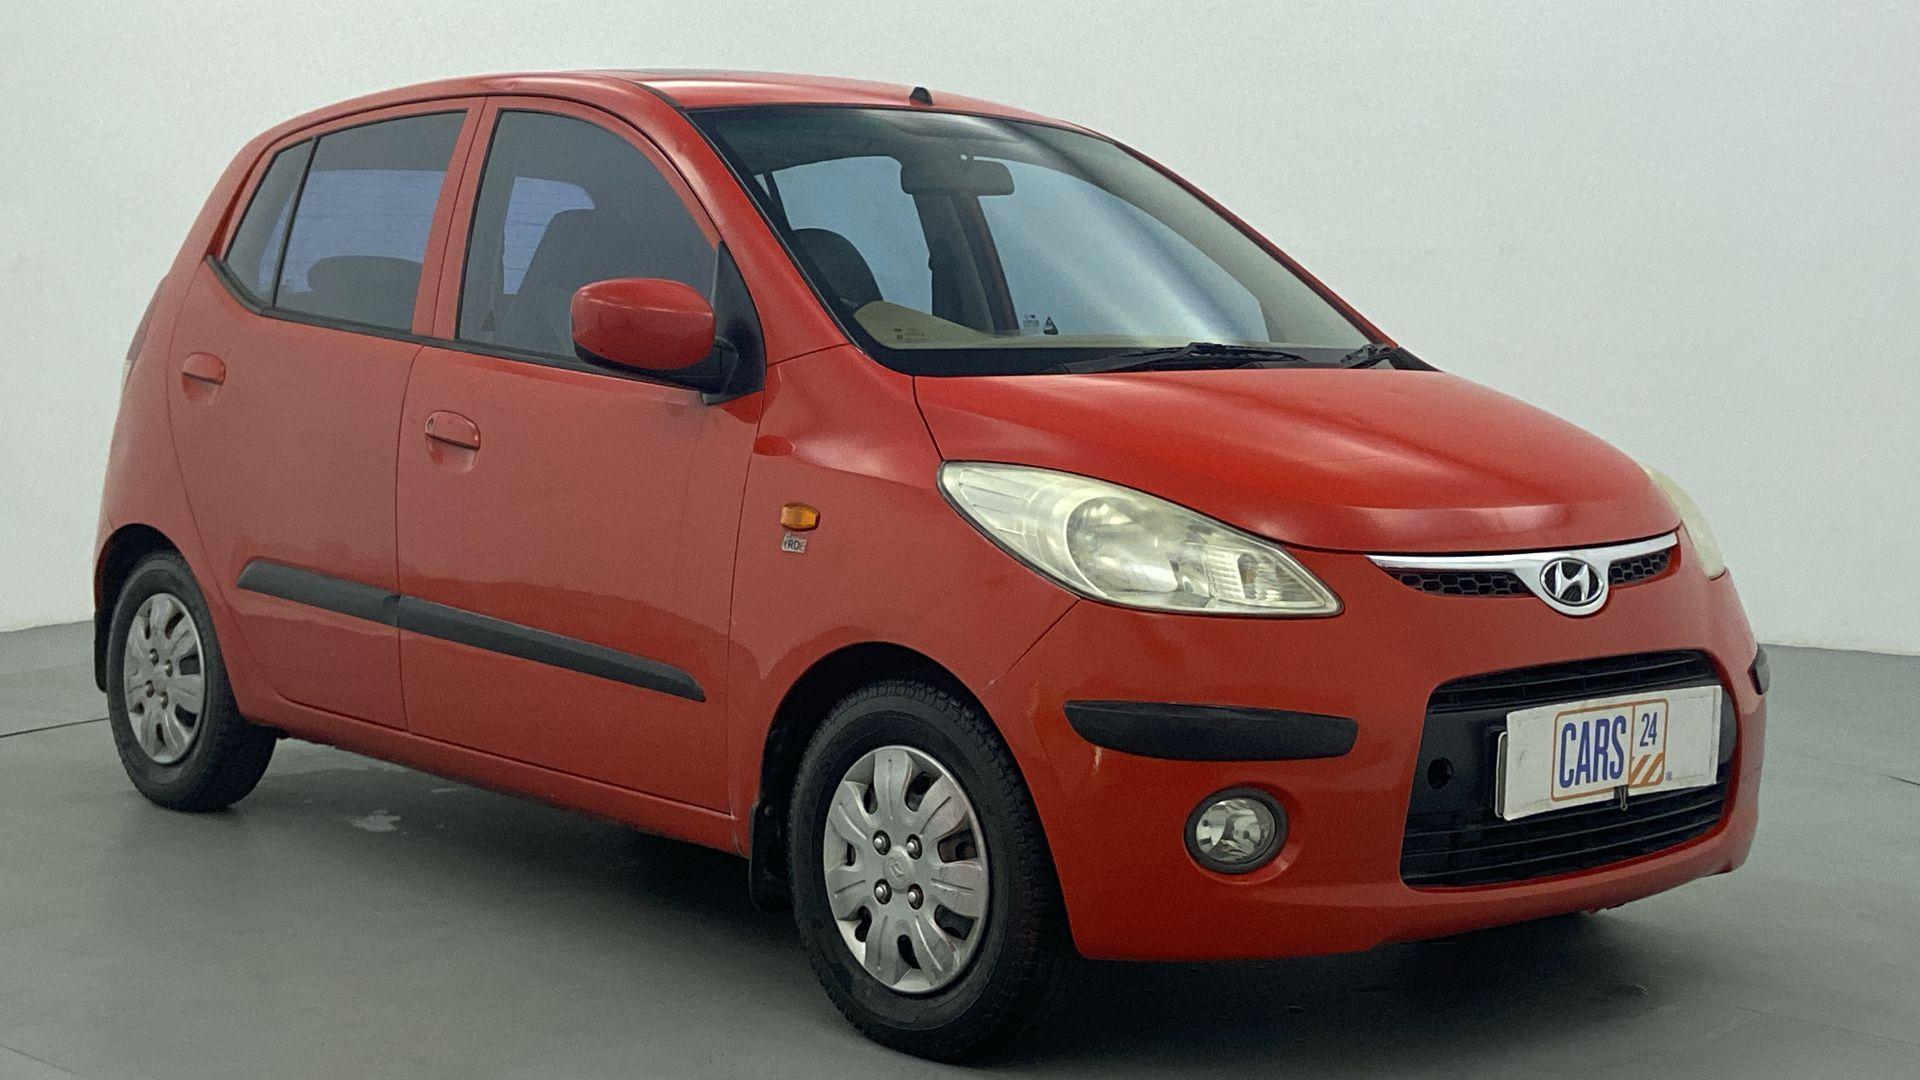 2008 Hyundai i10 MAGNA O WITH SUNROOF